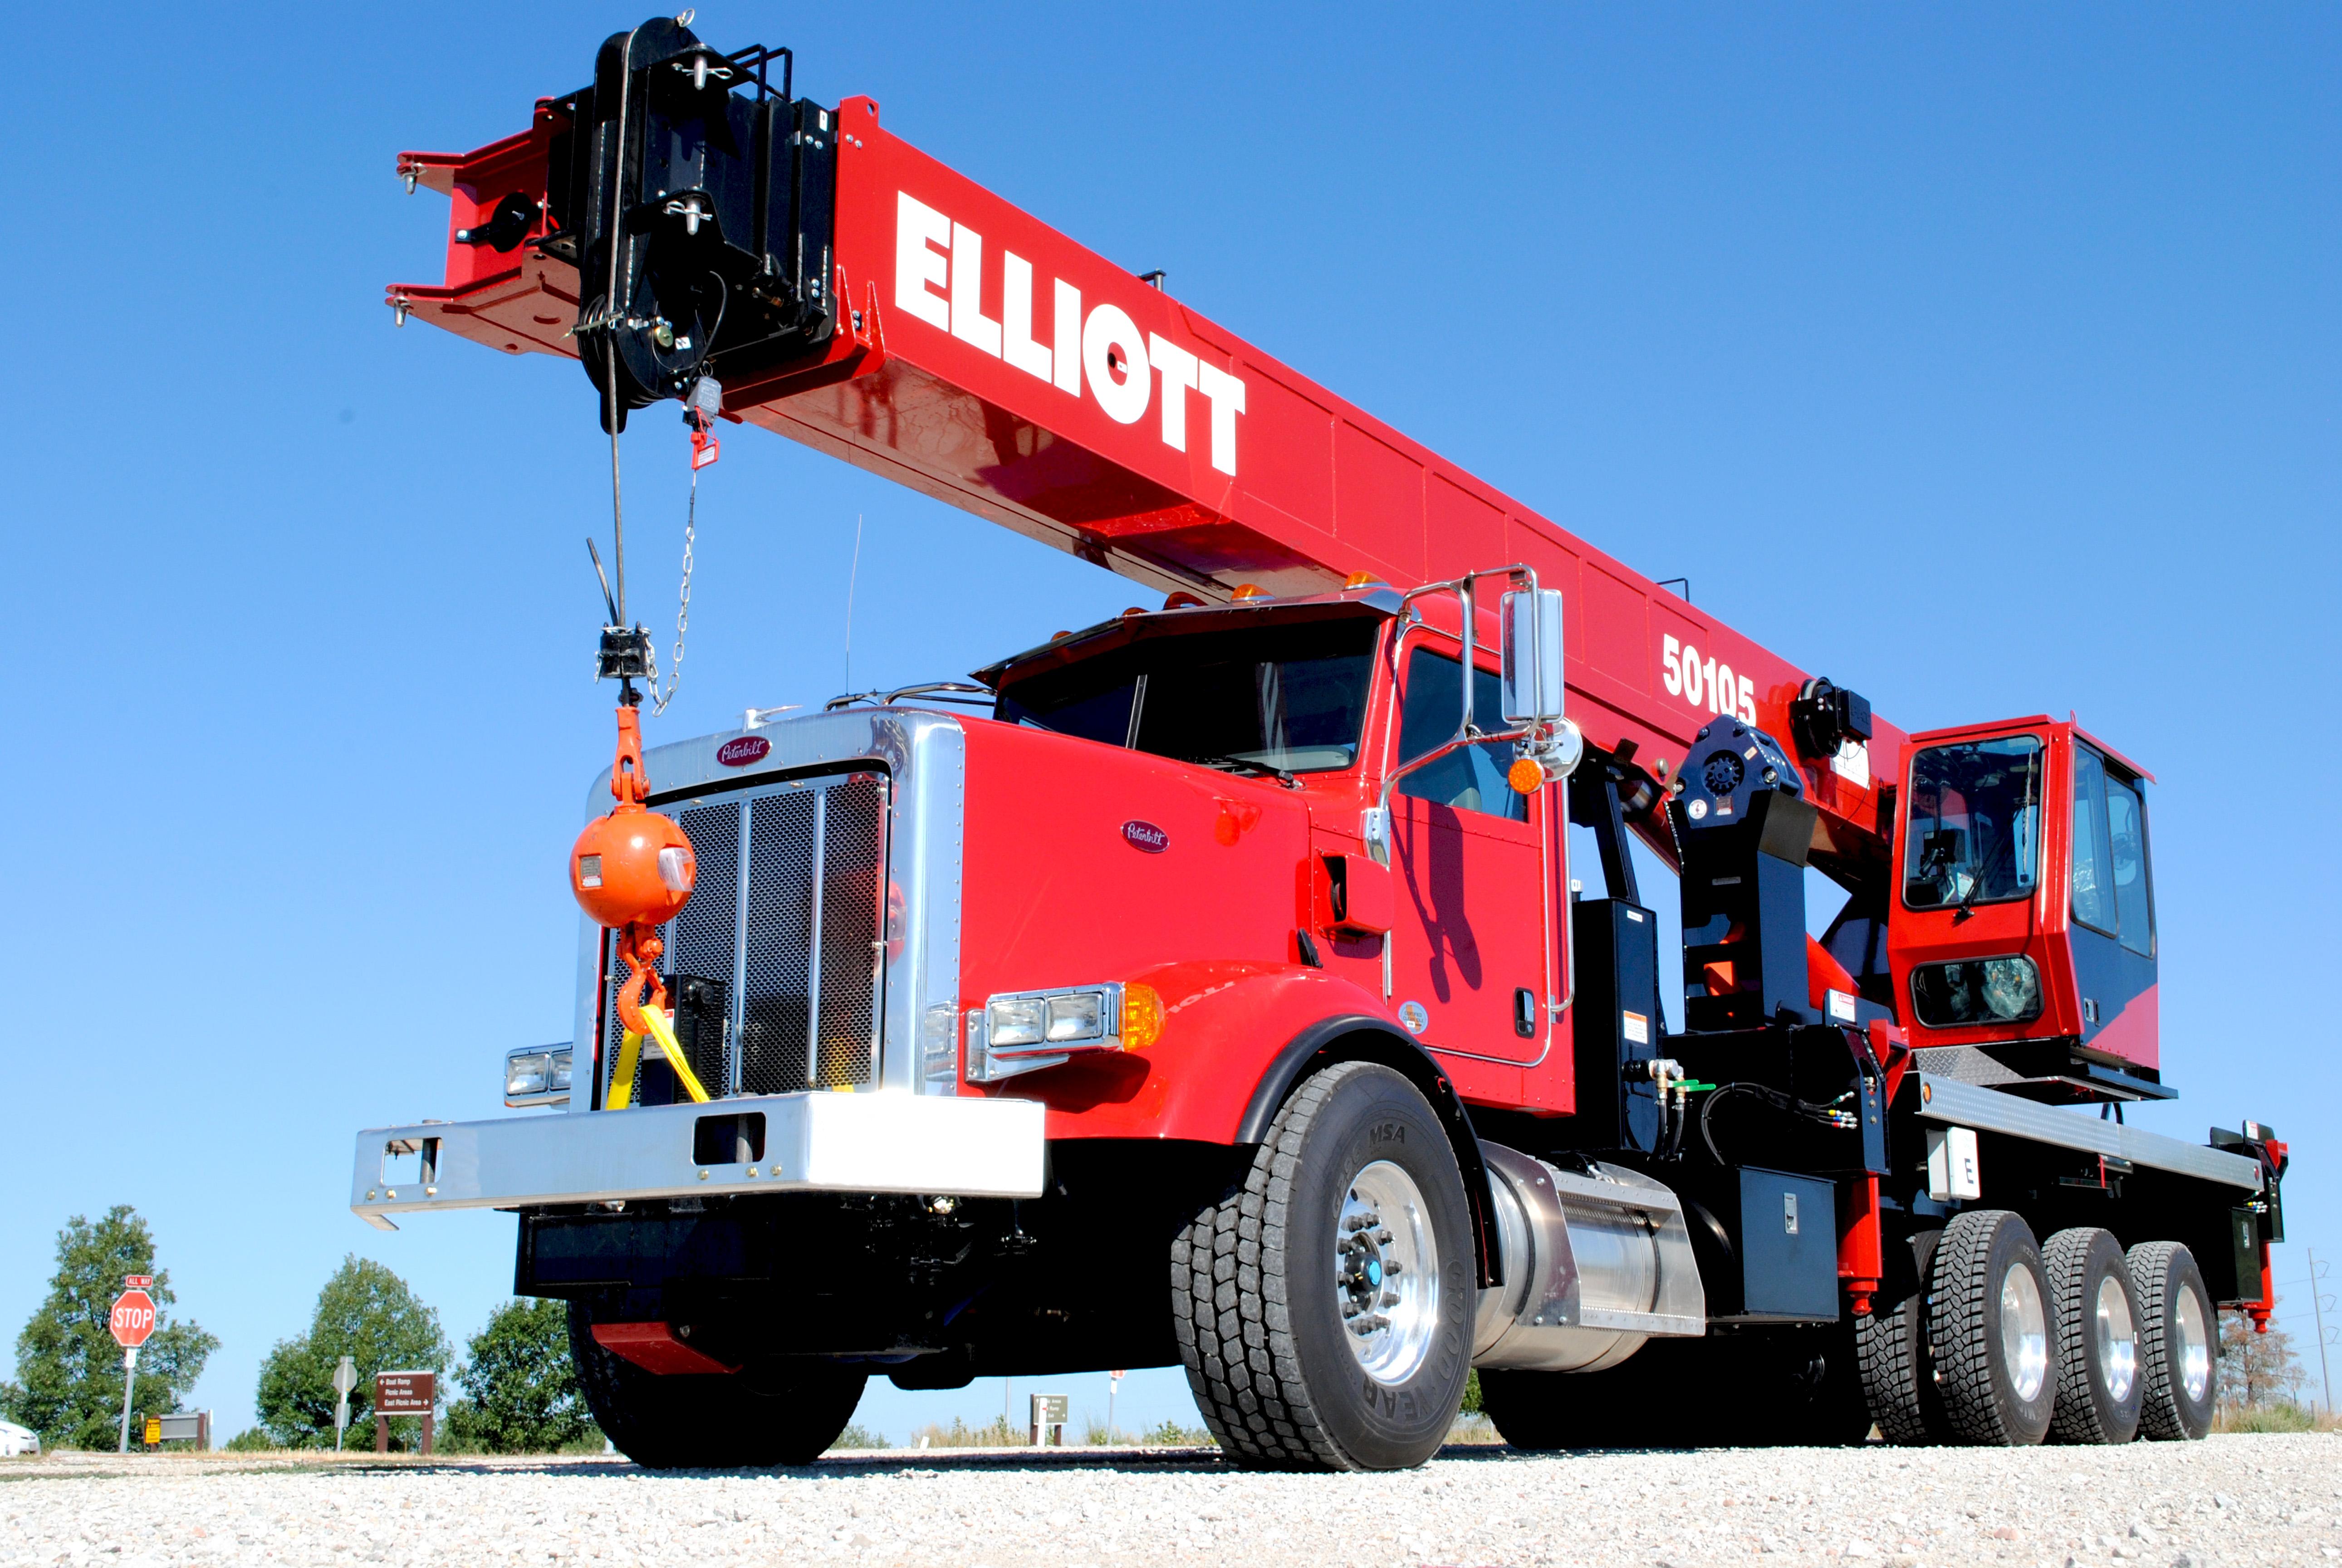 Elliott 50105R